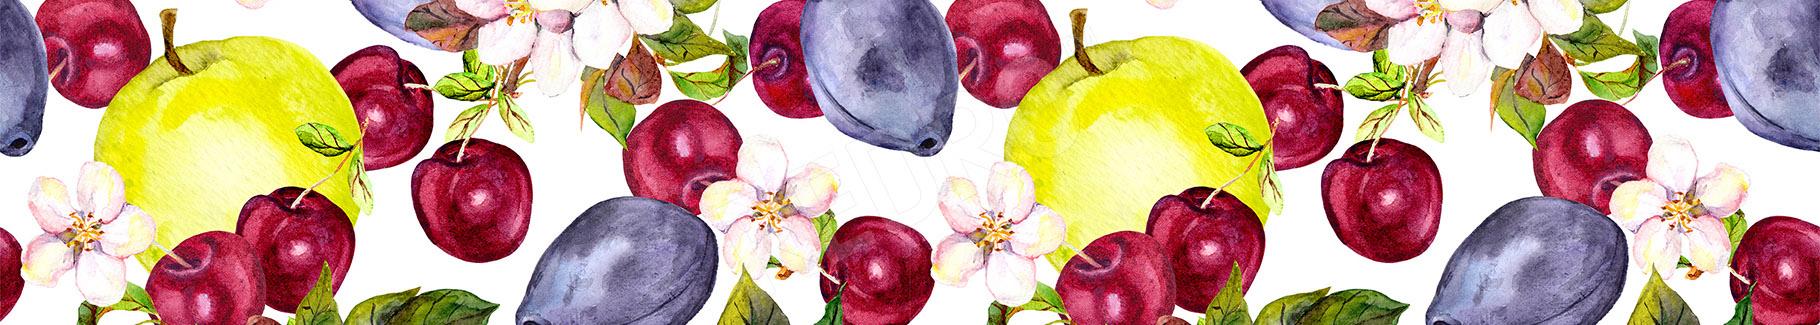 Wiosenny obraz owoce